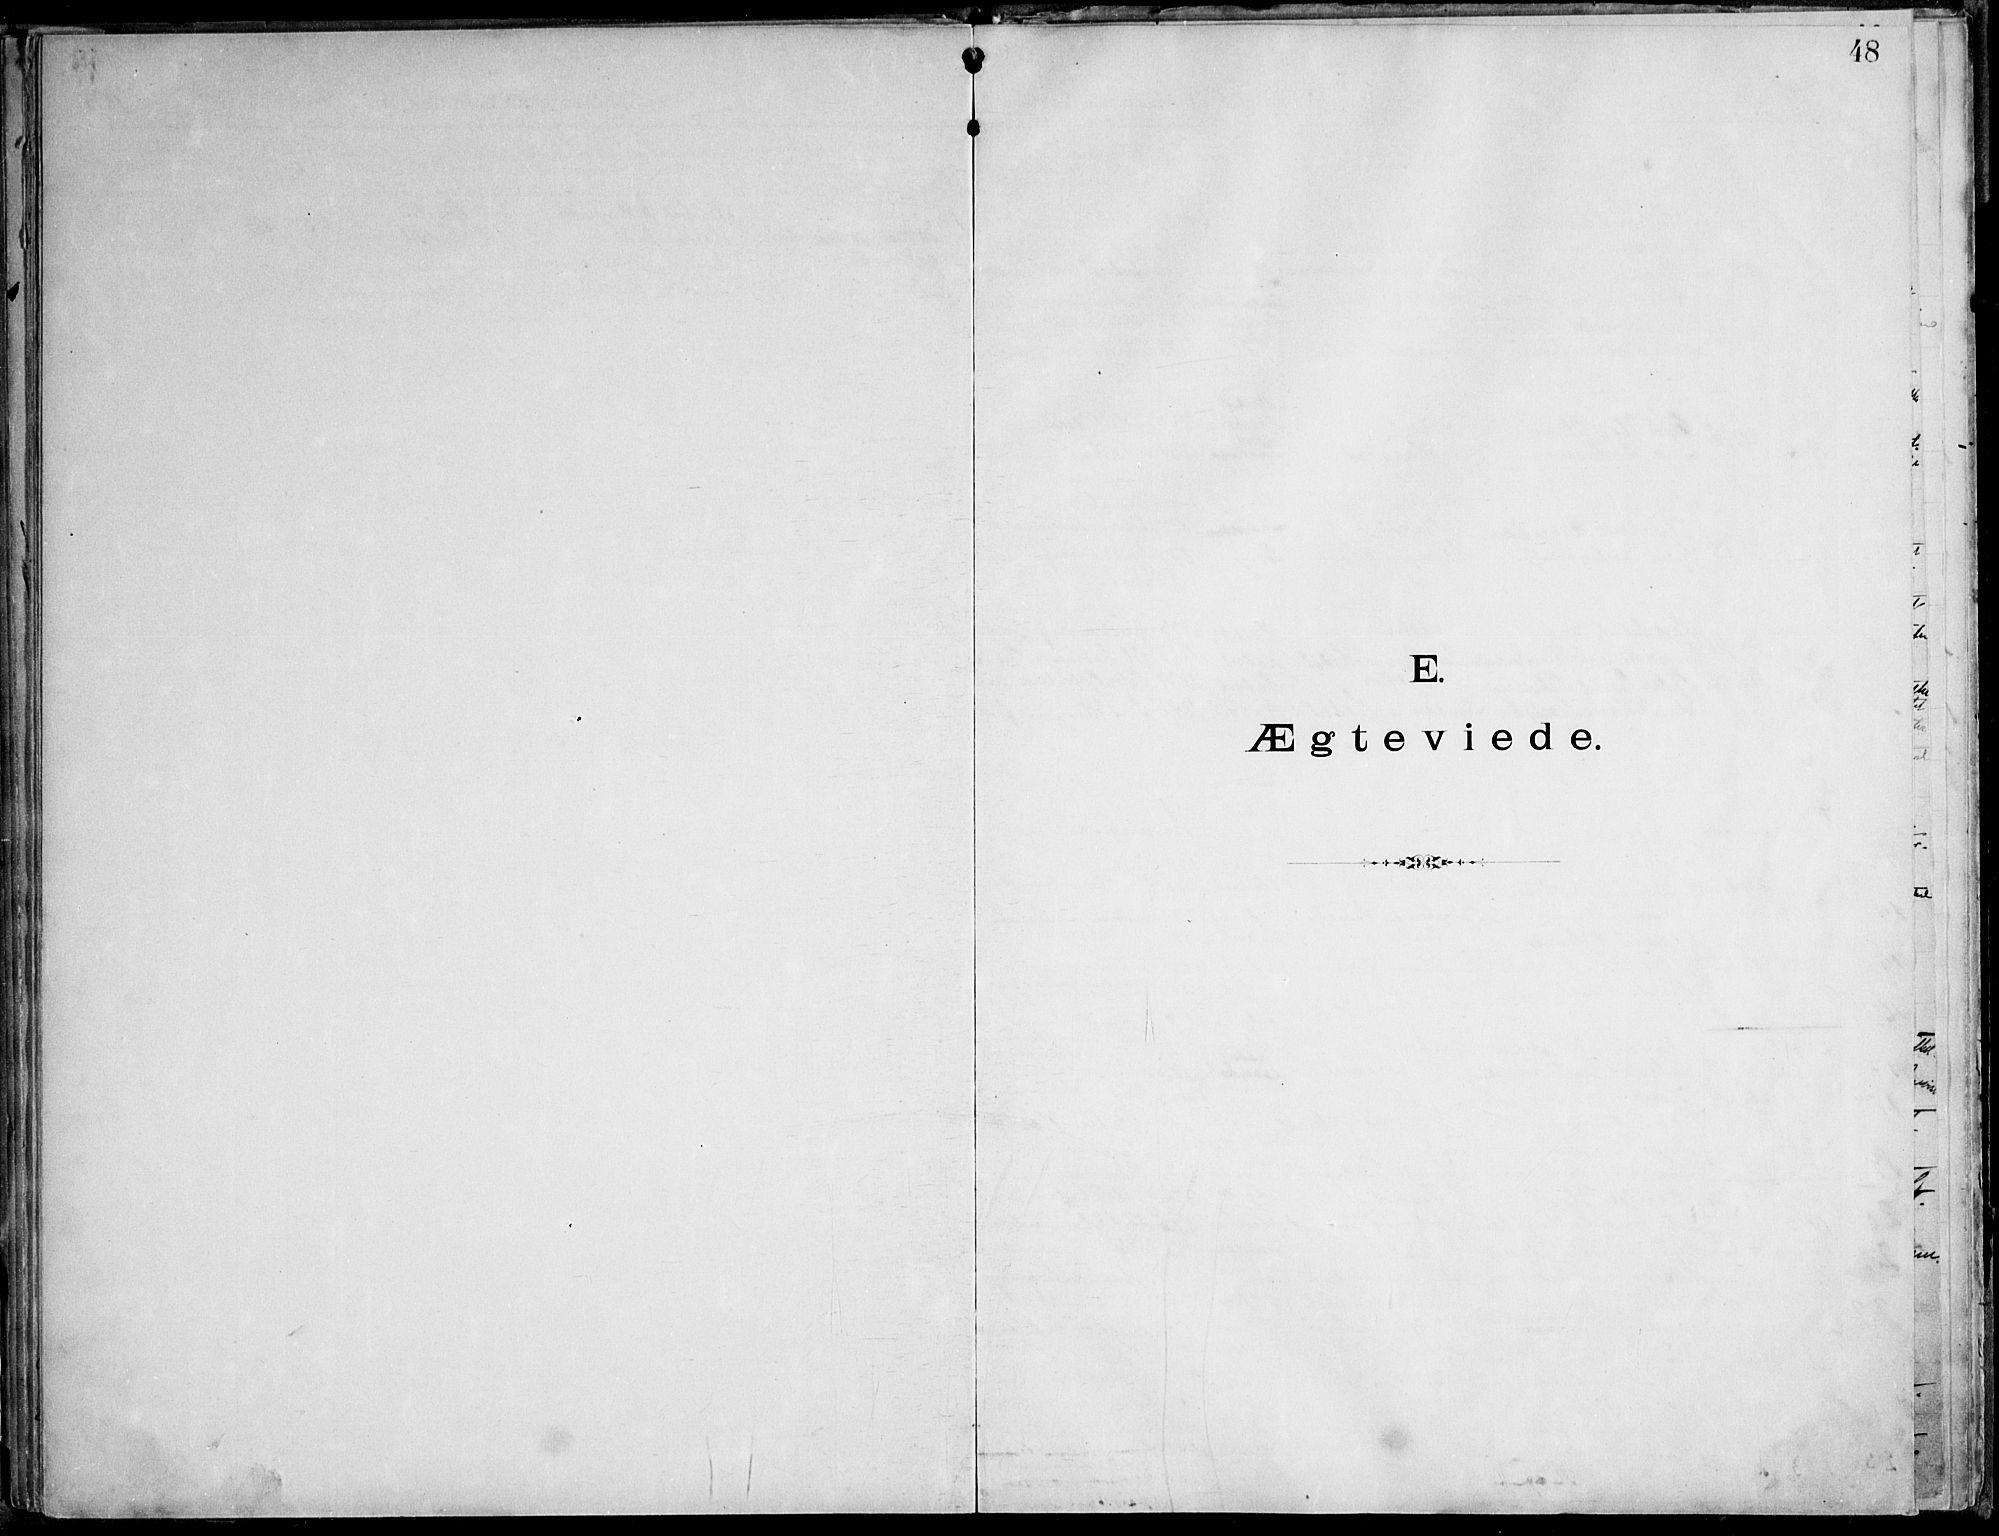 SAT, Ministerialprotokoller, klokkerbøker og fødselsregistre - Nordland, 888/L1276: Dissenterprotokoll nr. 888D03, 1893-1944, s. 48